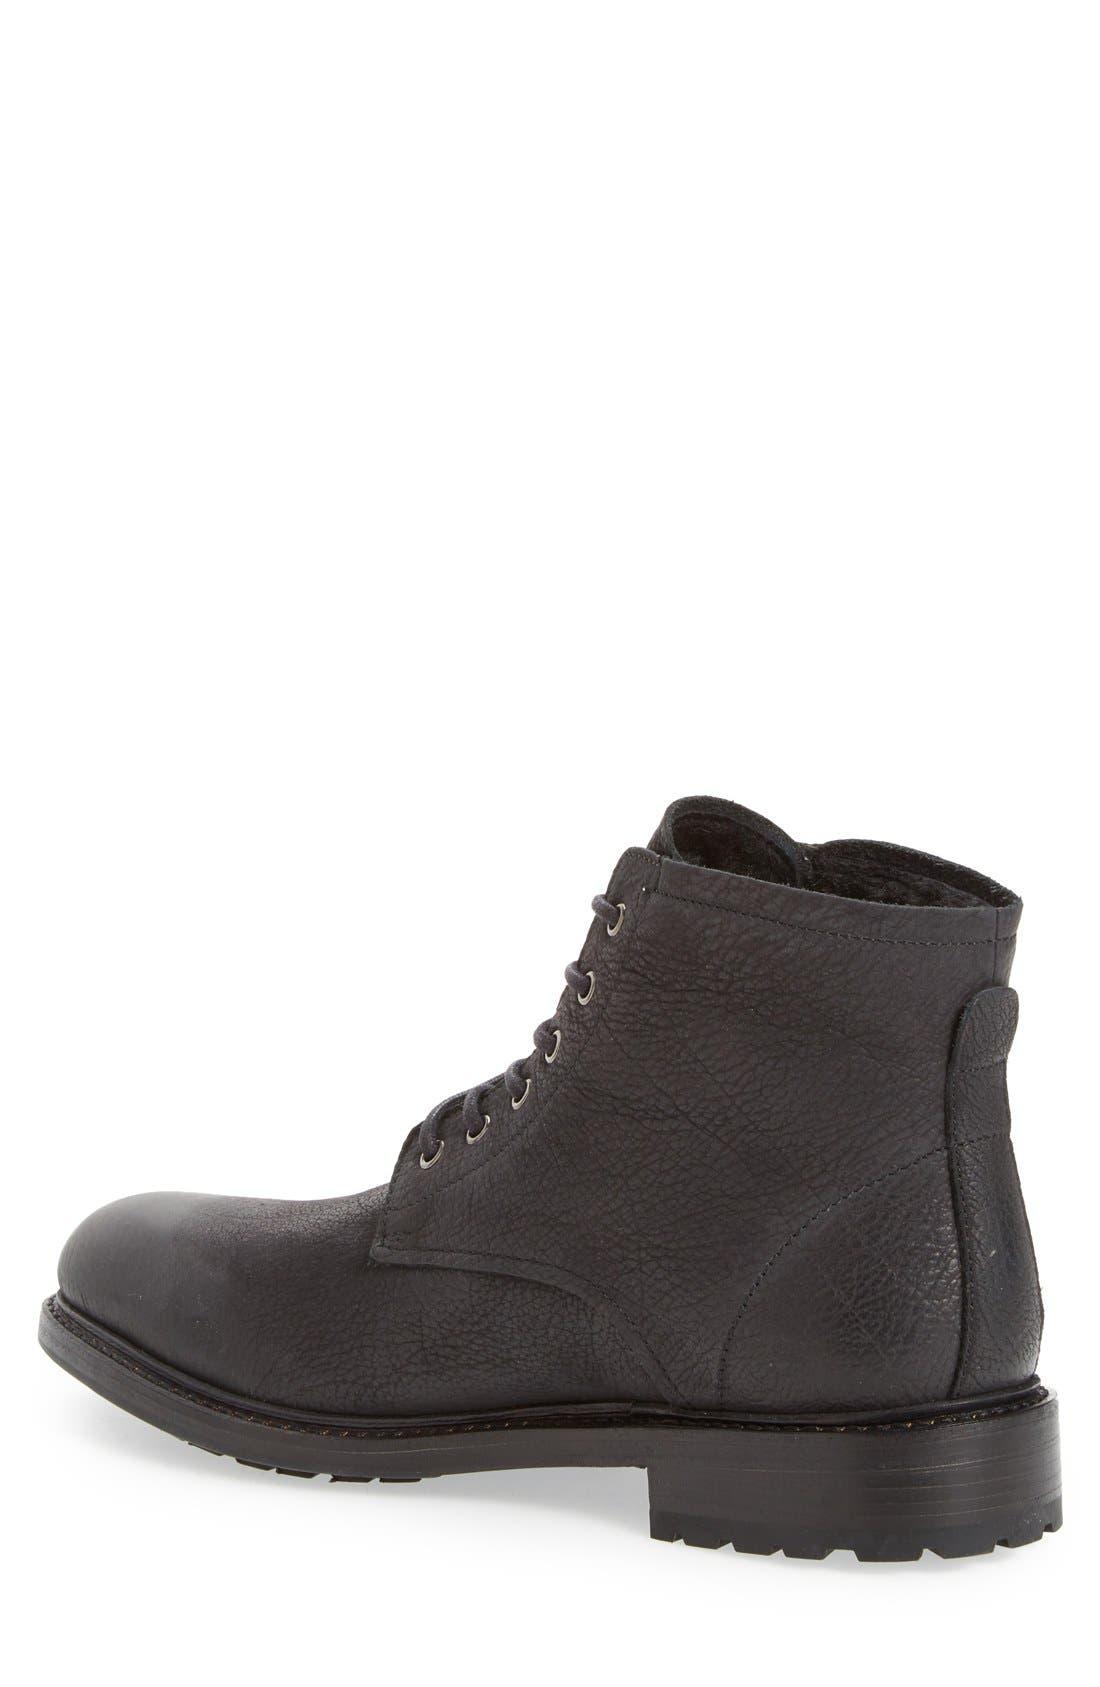 'KM32' Plain Toe Boot,                             Alternate thumbnail 2, color,                             001